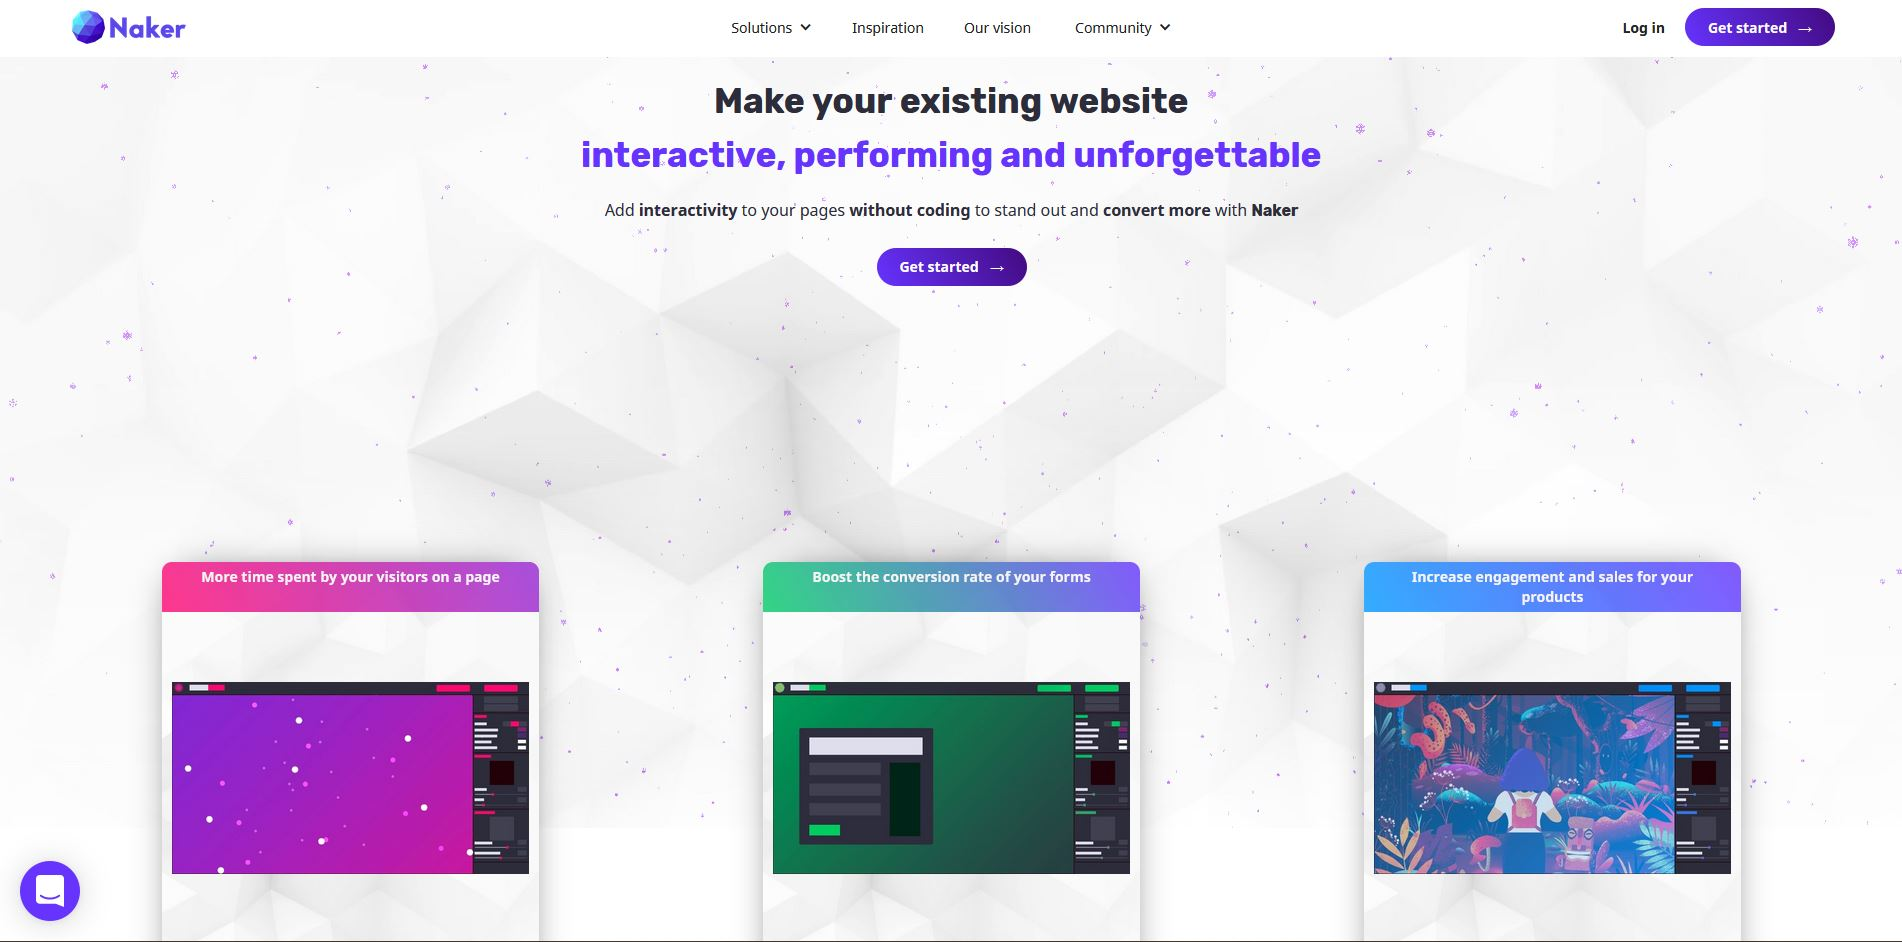 Le meilleur du web #116 : liens, ressources, tutoriels et inspiration